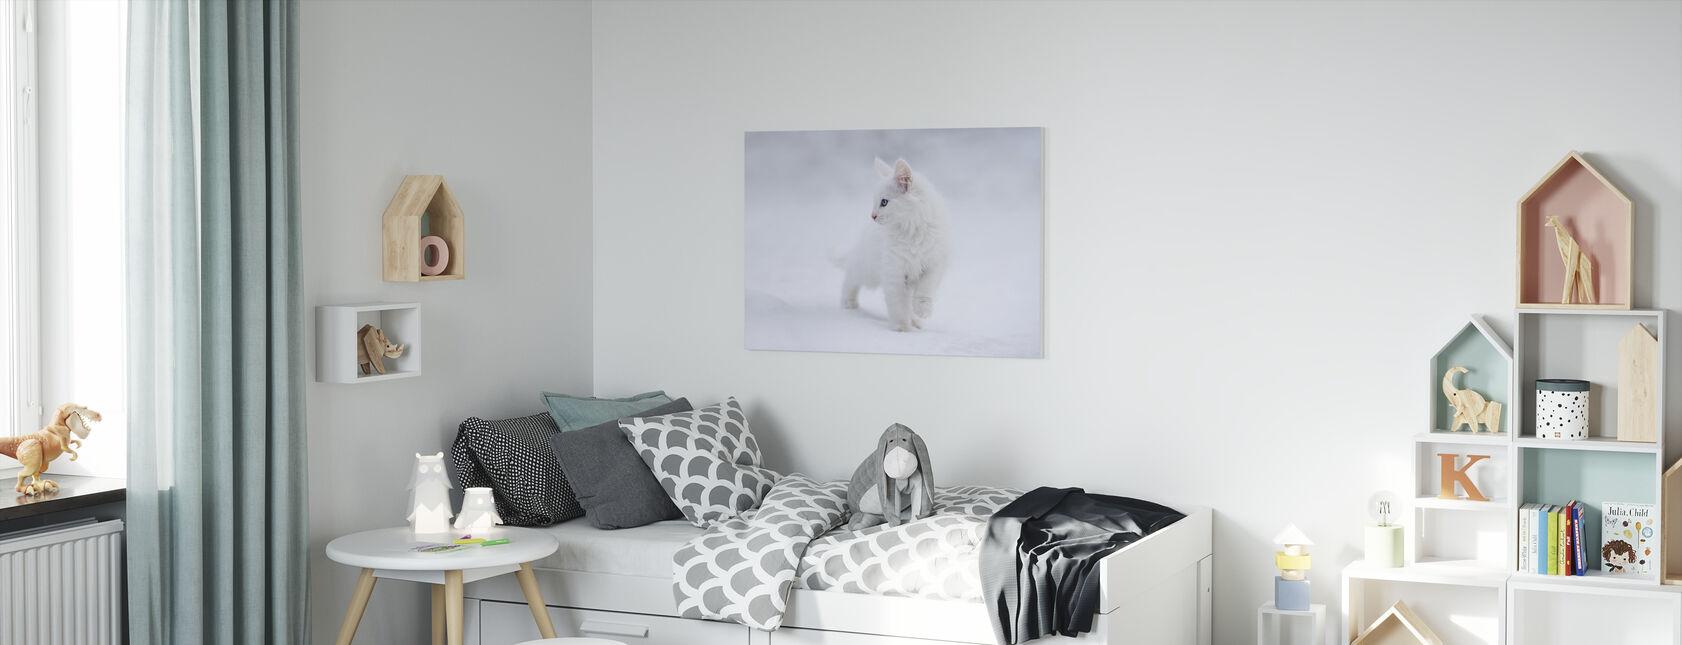 Valkoinen kuin lumi - Canvastaulu - Lastenhuone